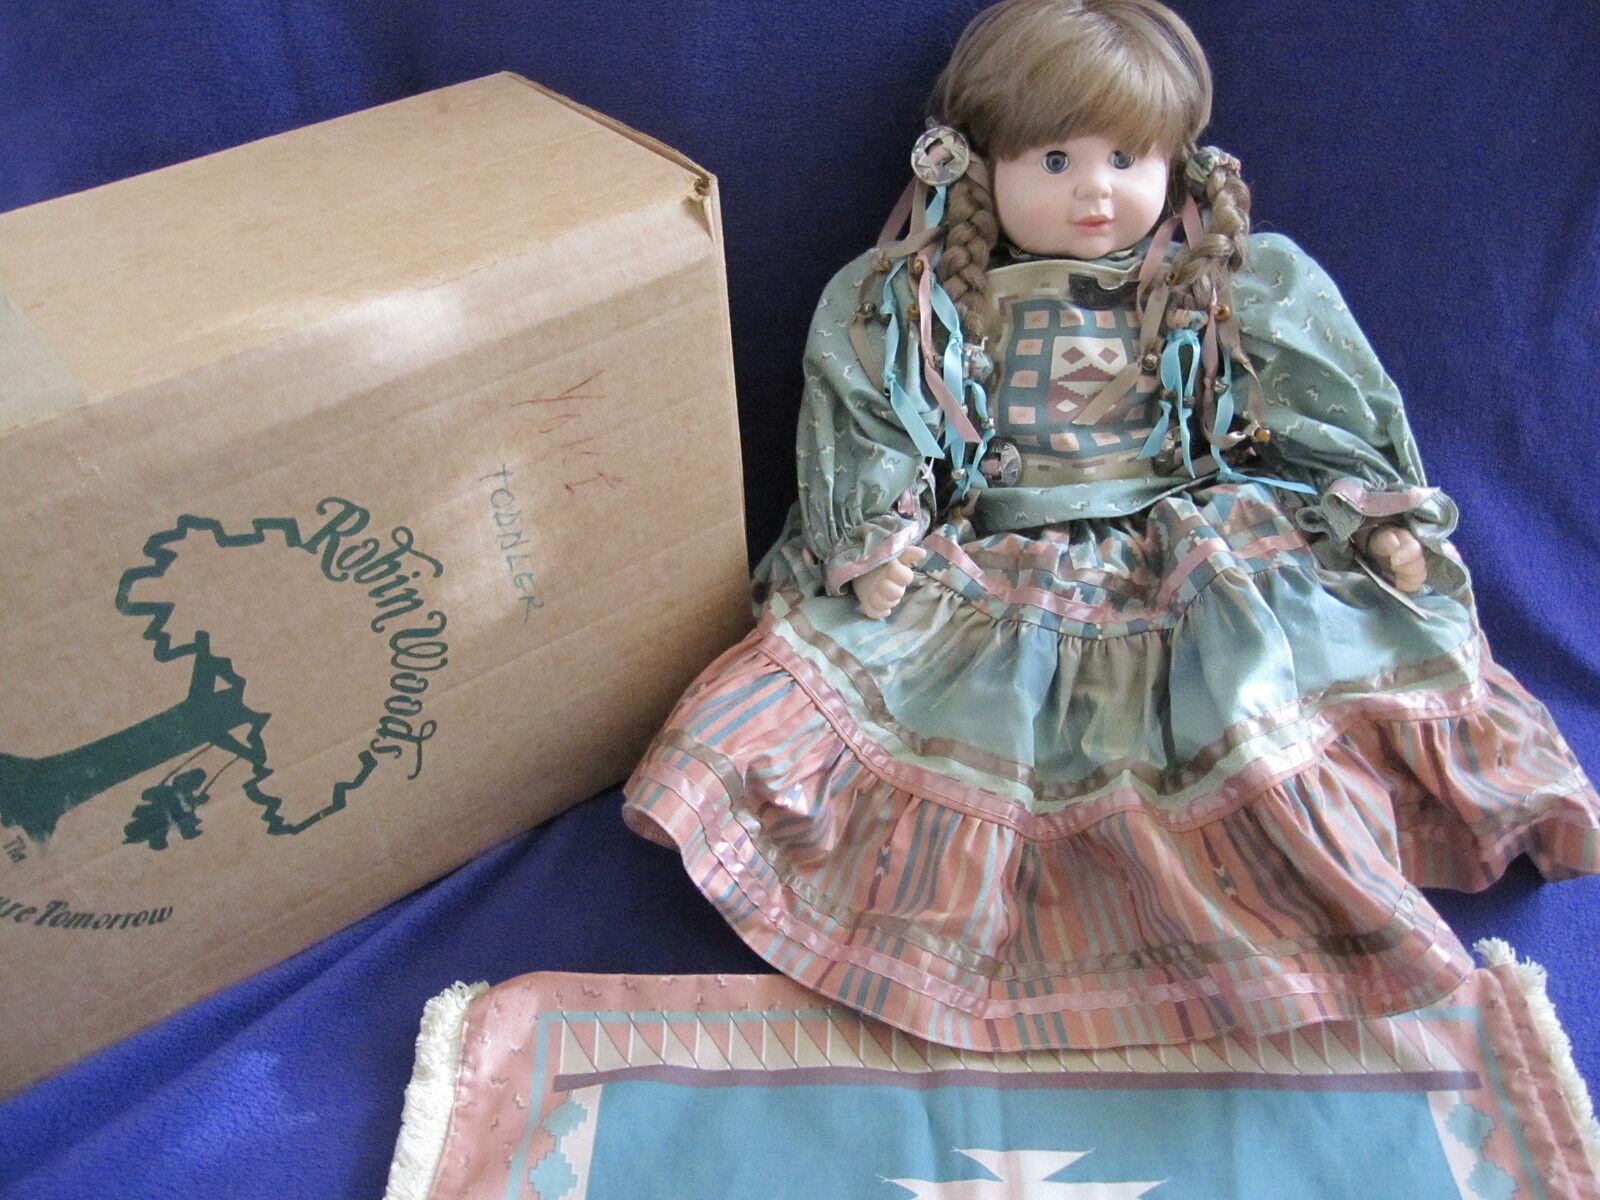 acquisti online Robin Woods 21 21 21  Native American bambola Indian Girl Yoki NWT NIB nuovo Rare 1985  prima i clienti